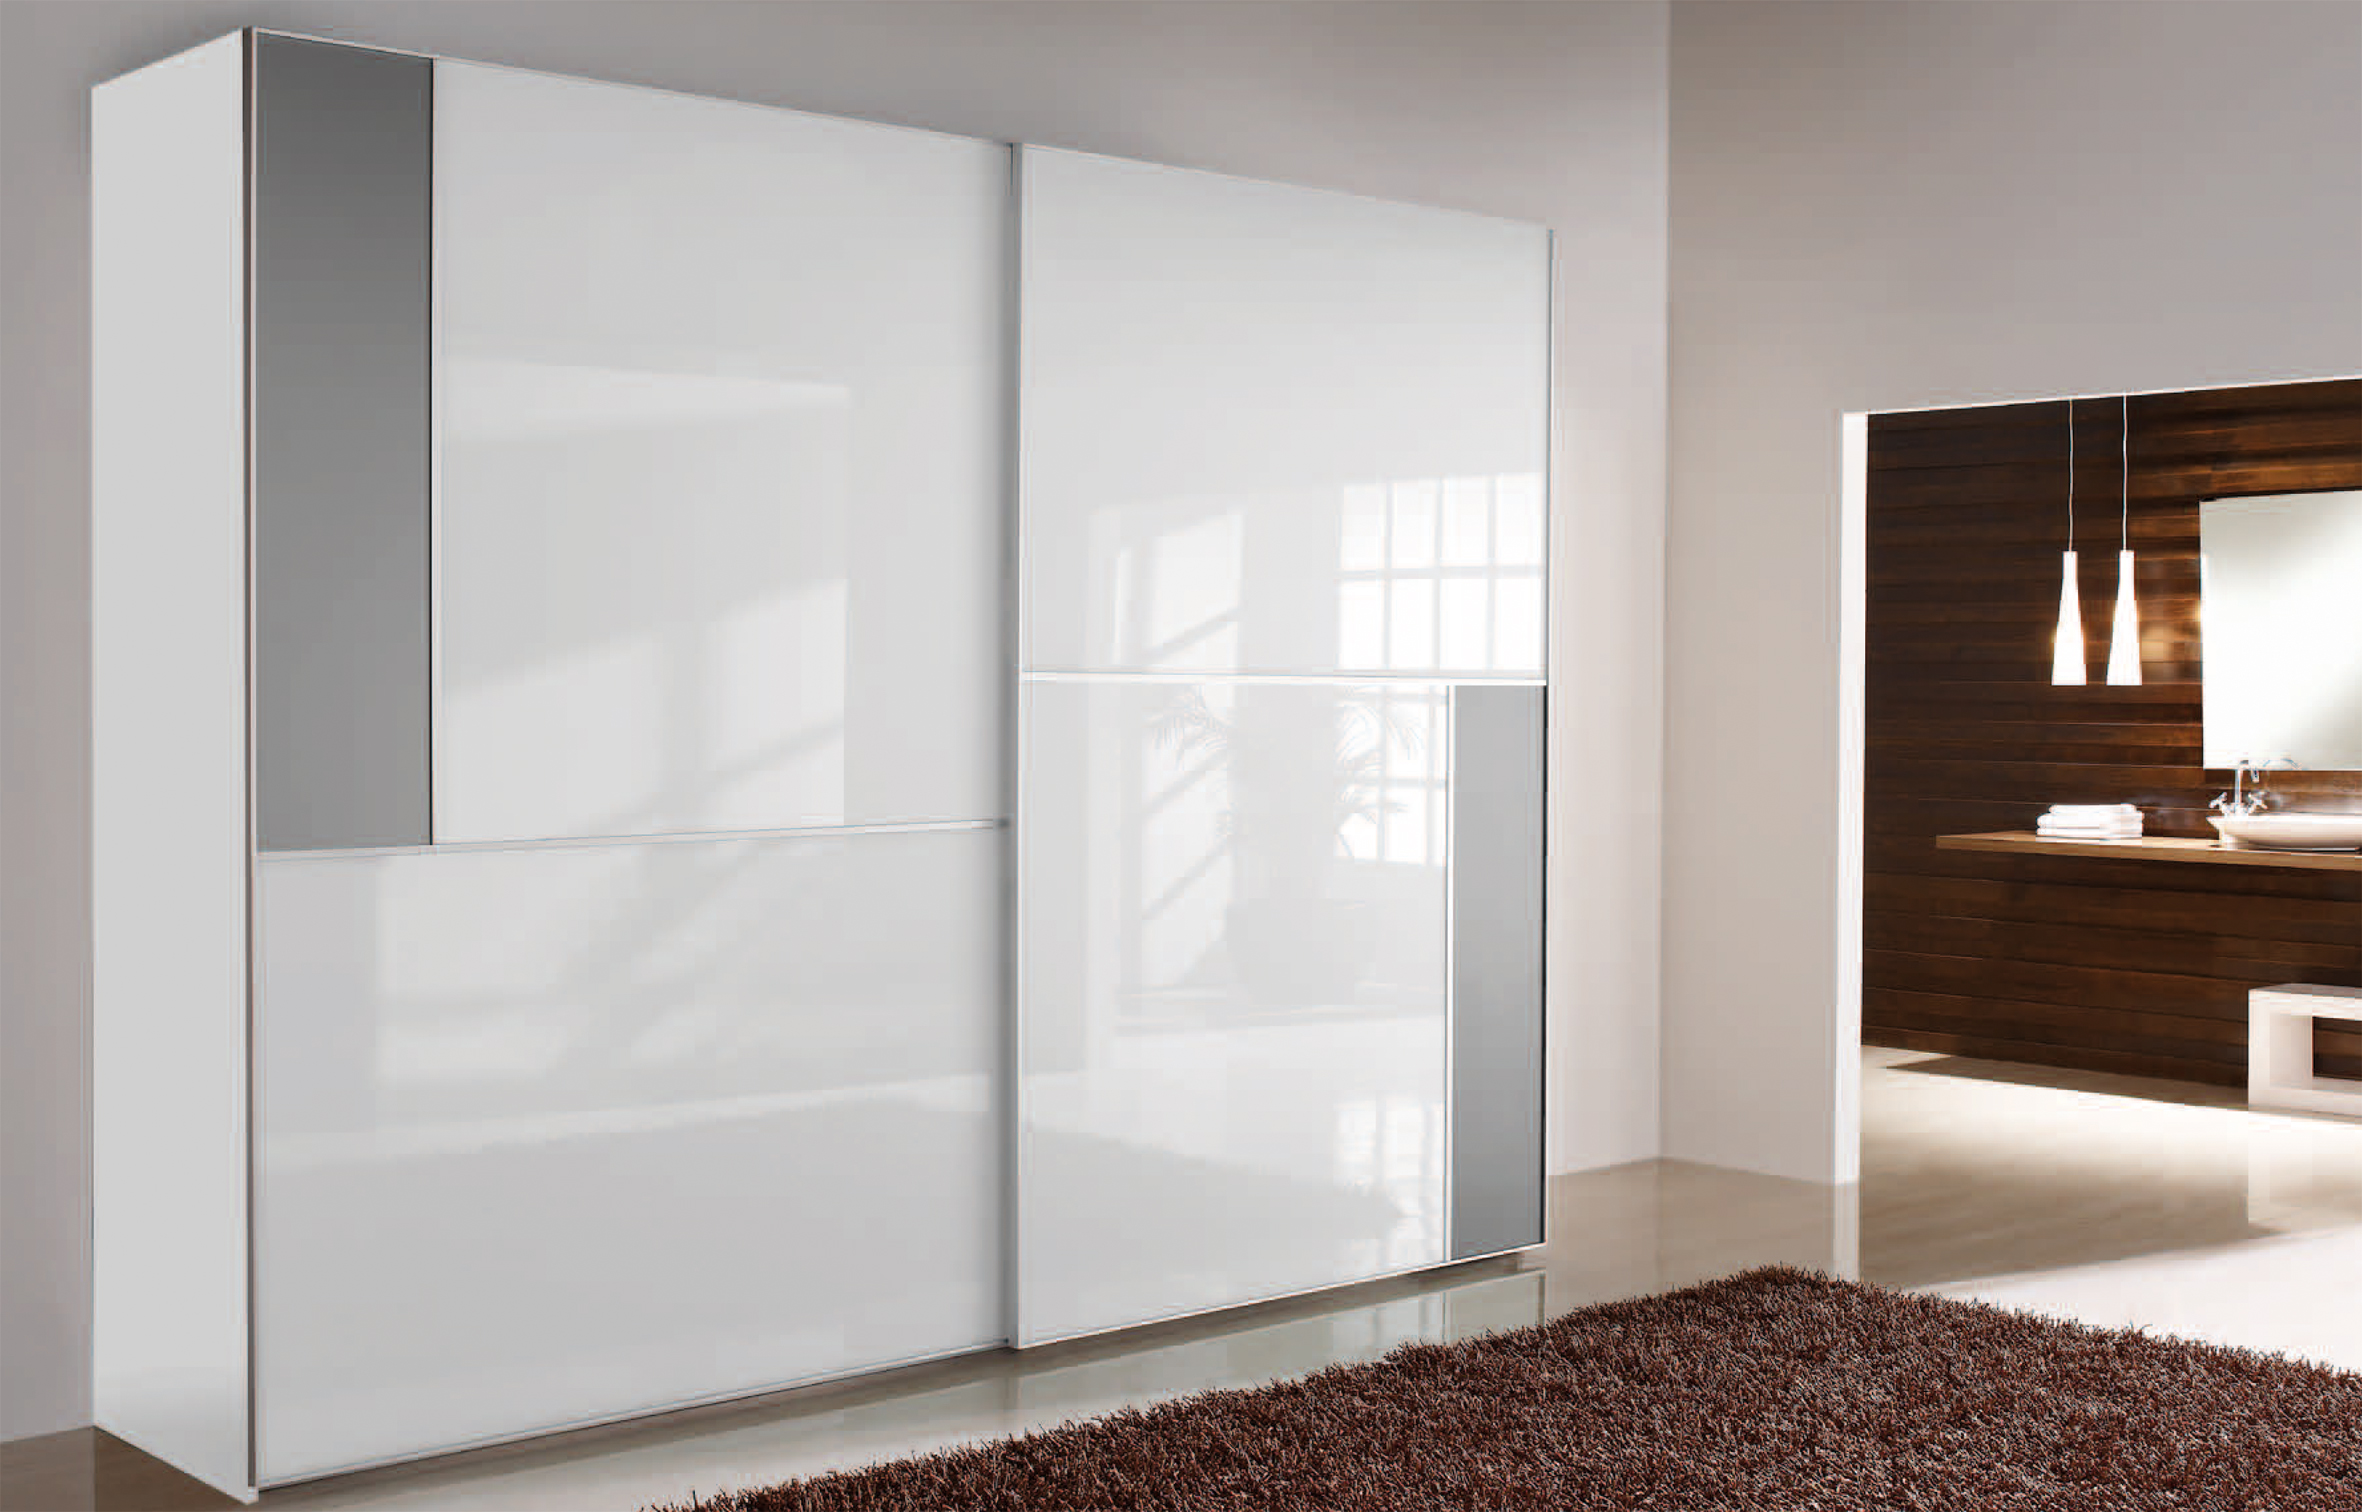 Armario puertas correderas modelo estocolmo puertas jemofer - Puertas correderas armario empotrado ...